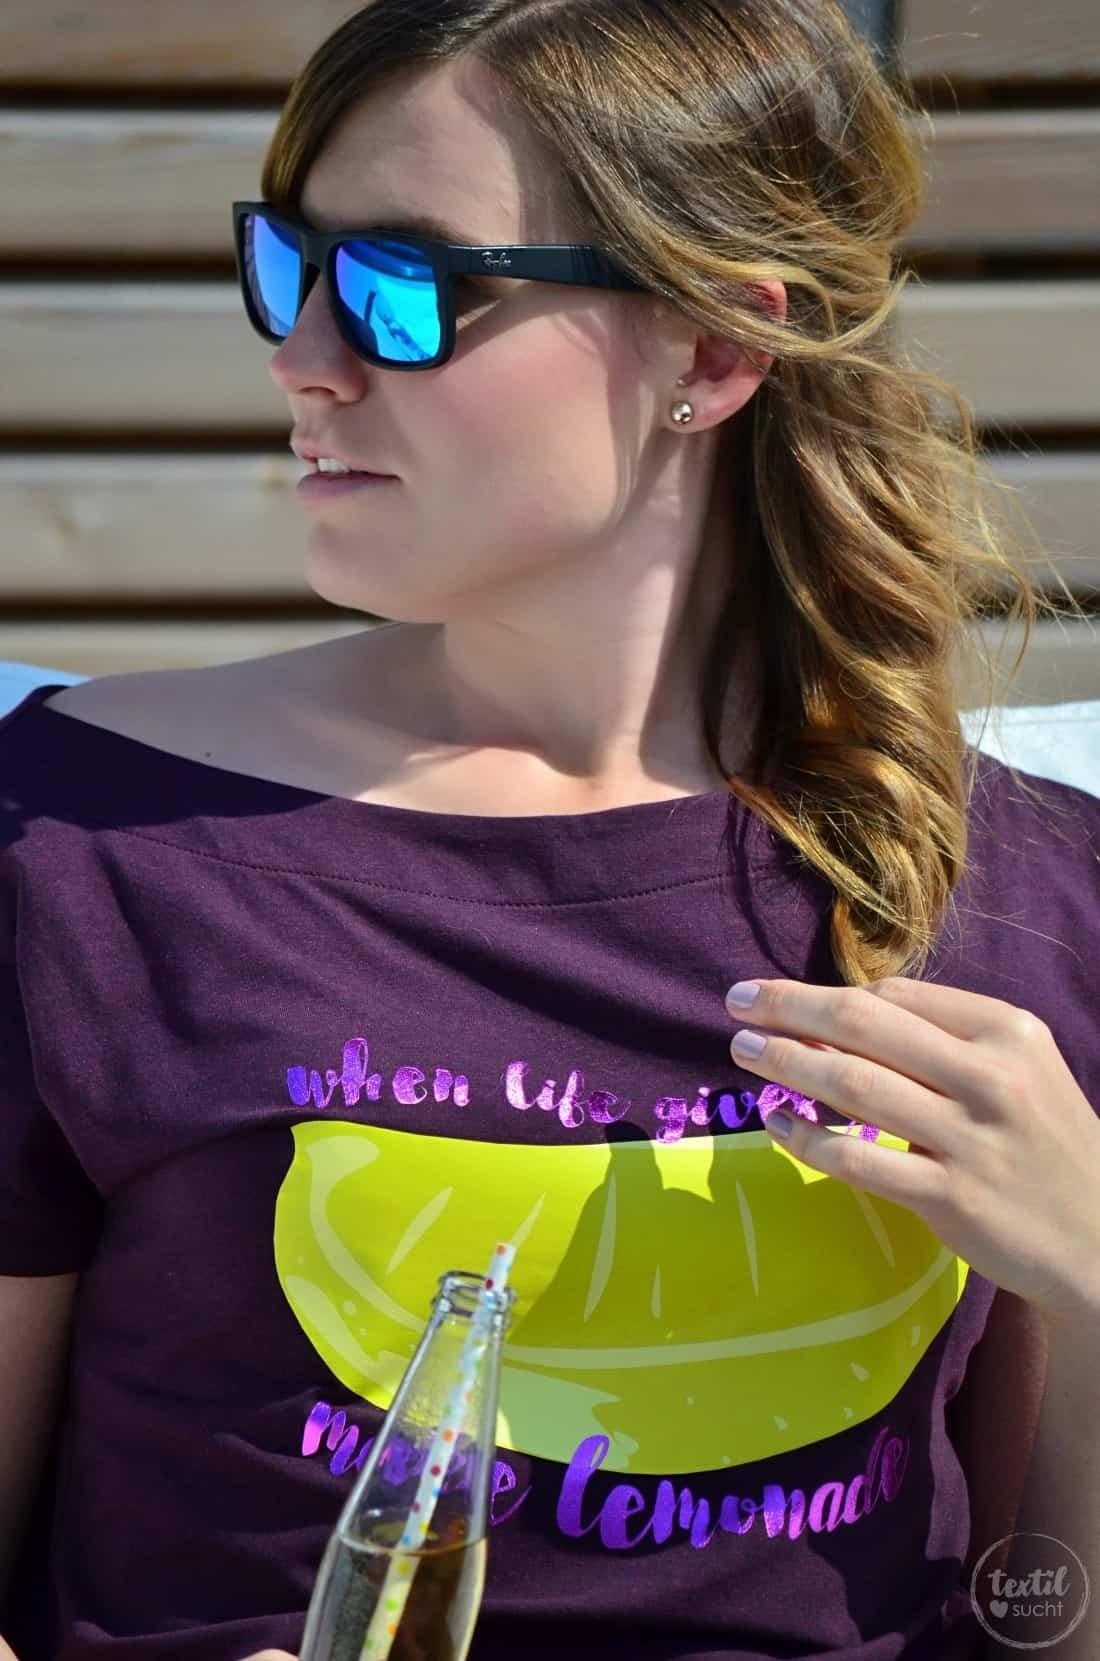 Schnittmuster Shirt U-Boot-Ausschnitt und Plot LEMON - Bild 7 | textilsucht.de